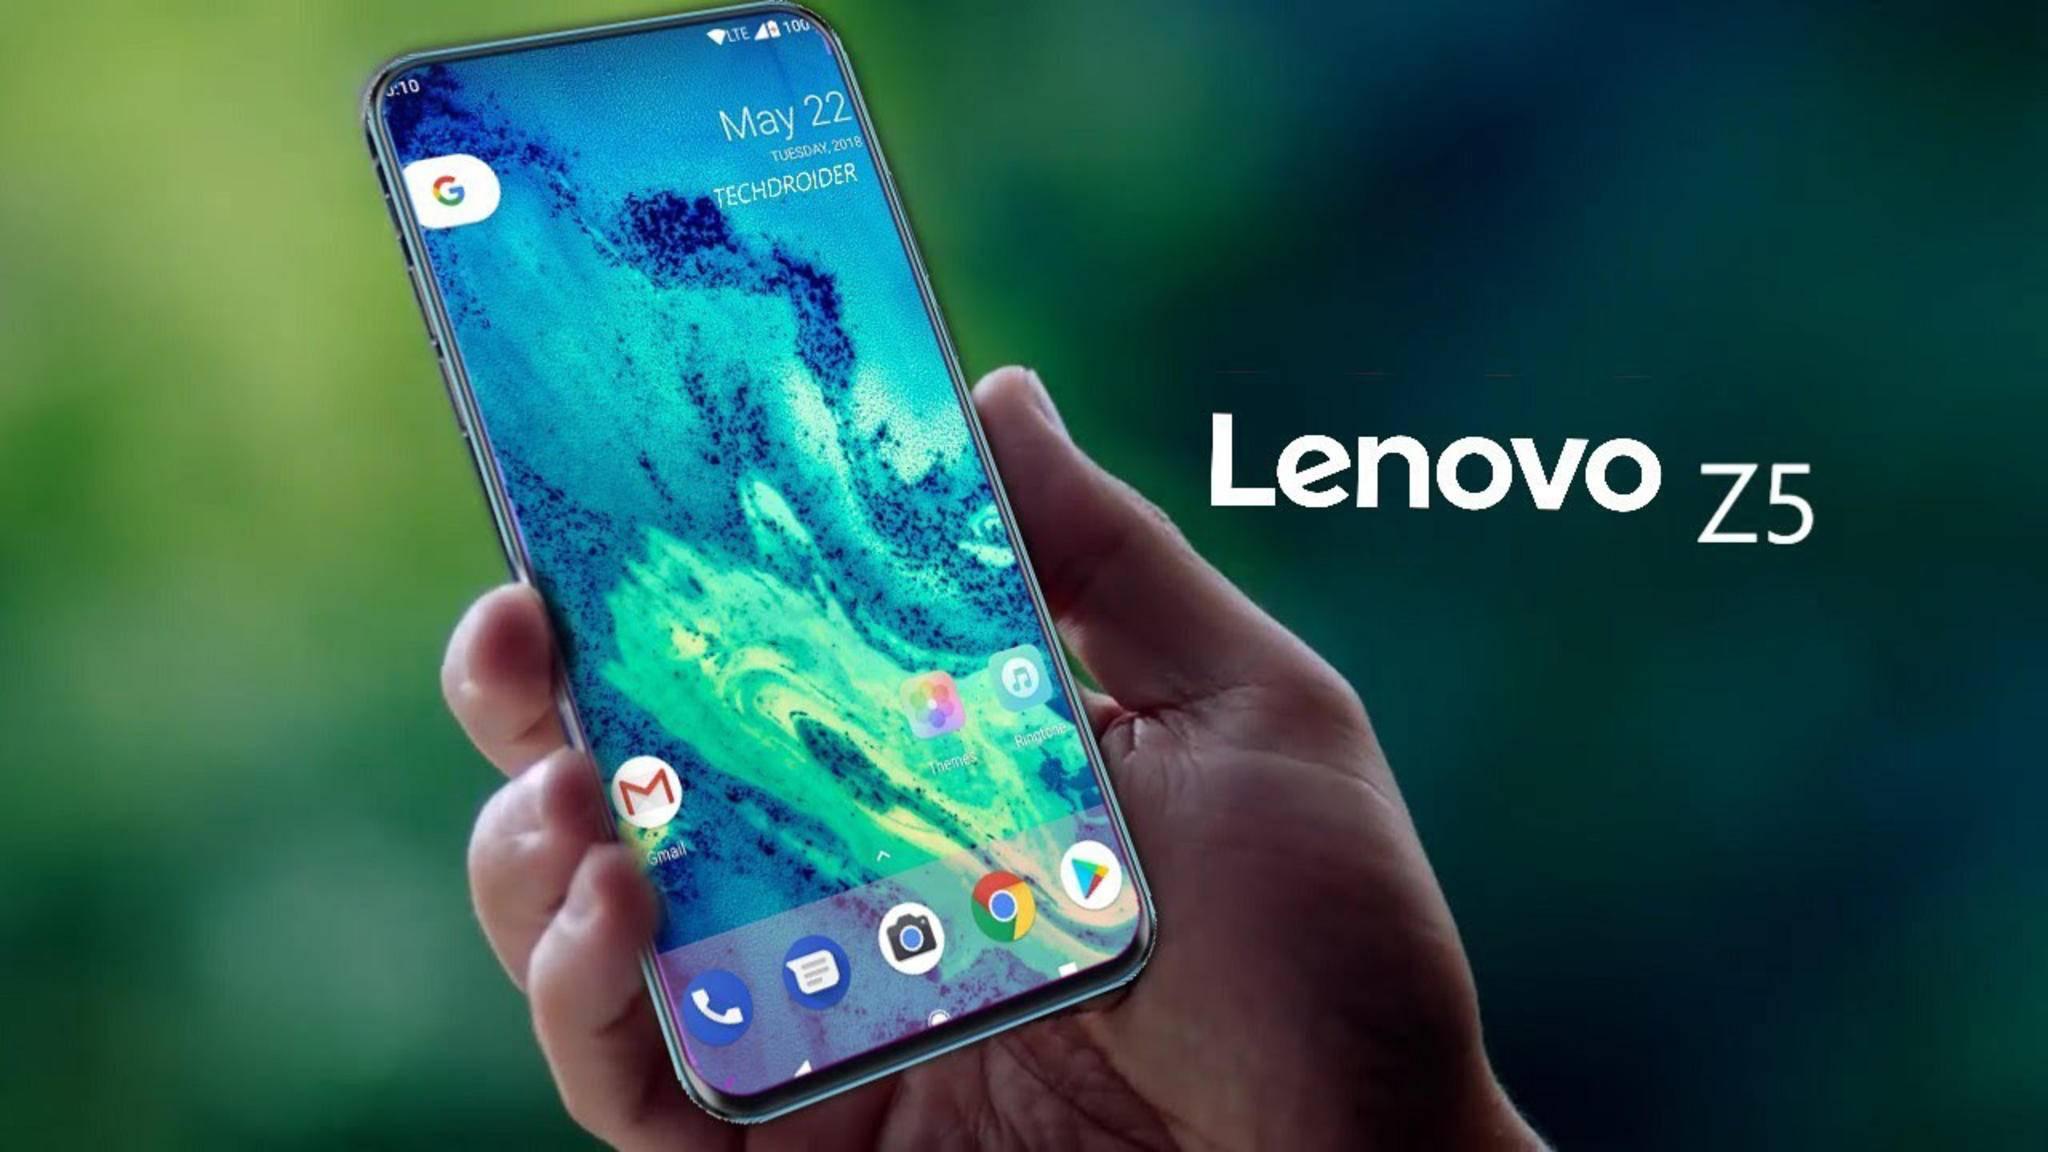 Die Glasrückseite des Lenovo Z5 mit Farbeffekt erinnert an jene des Huawei P20.